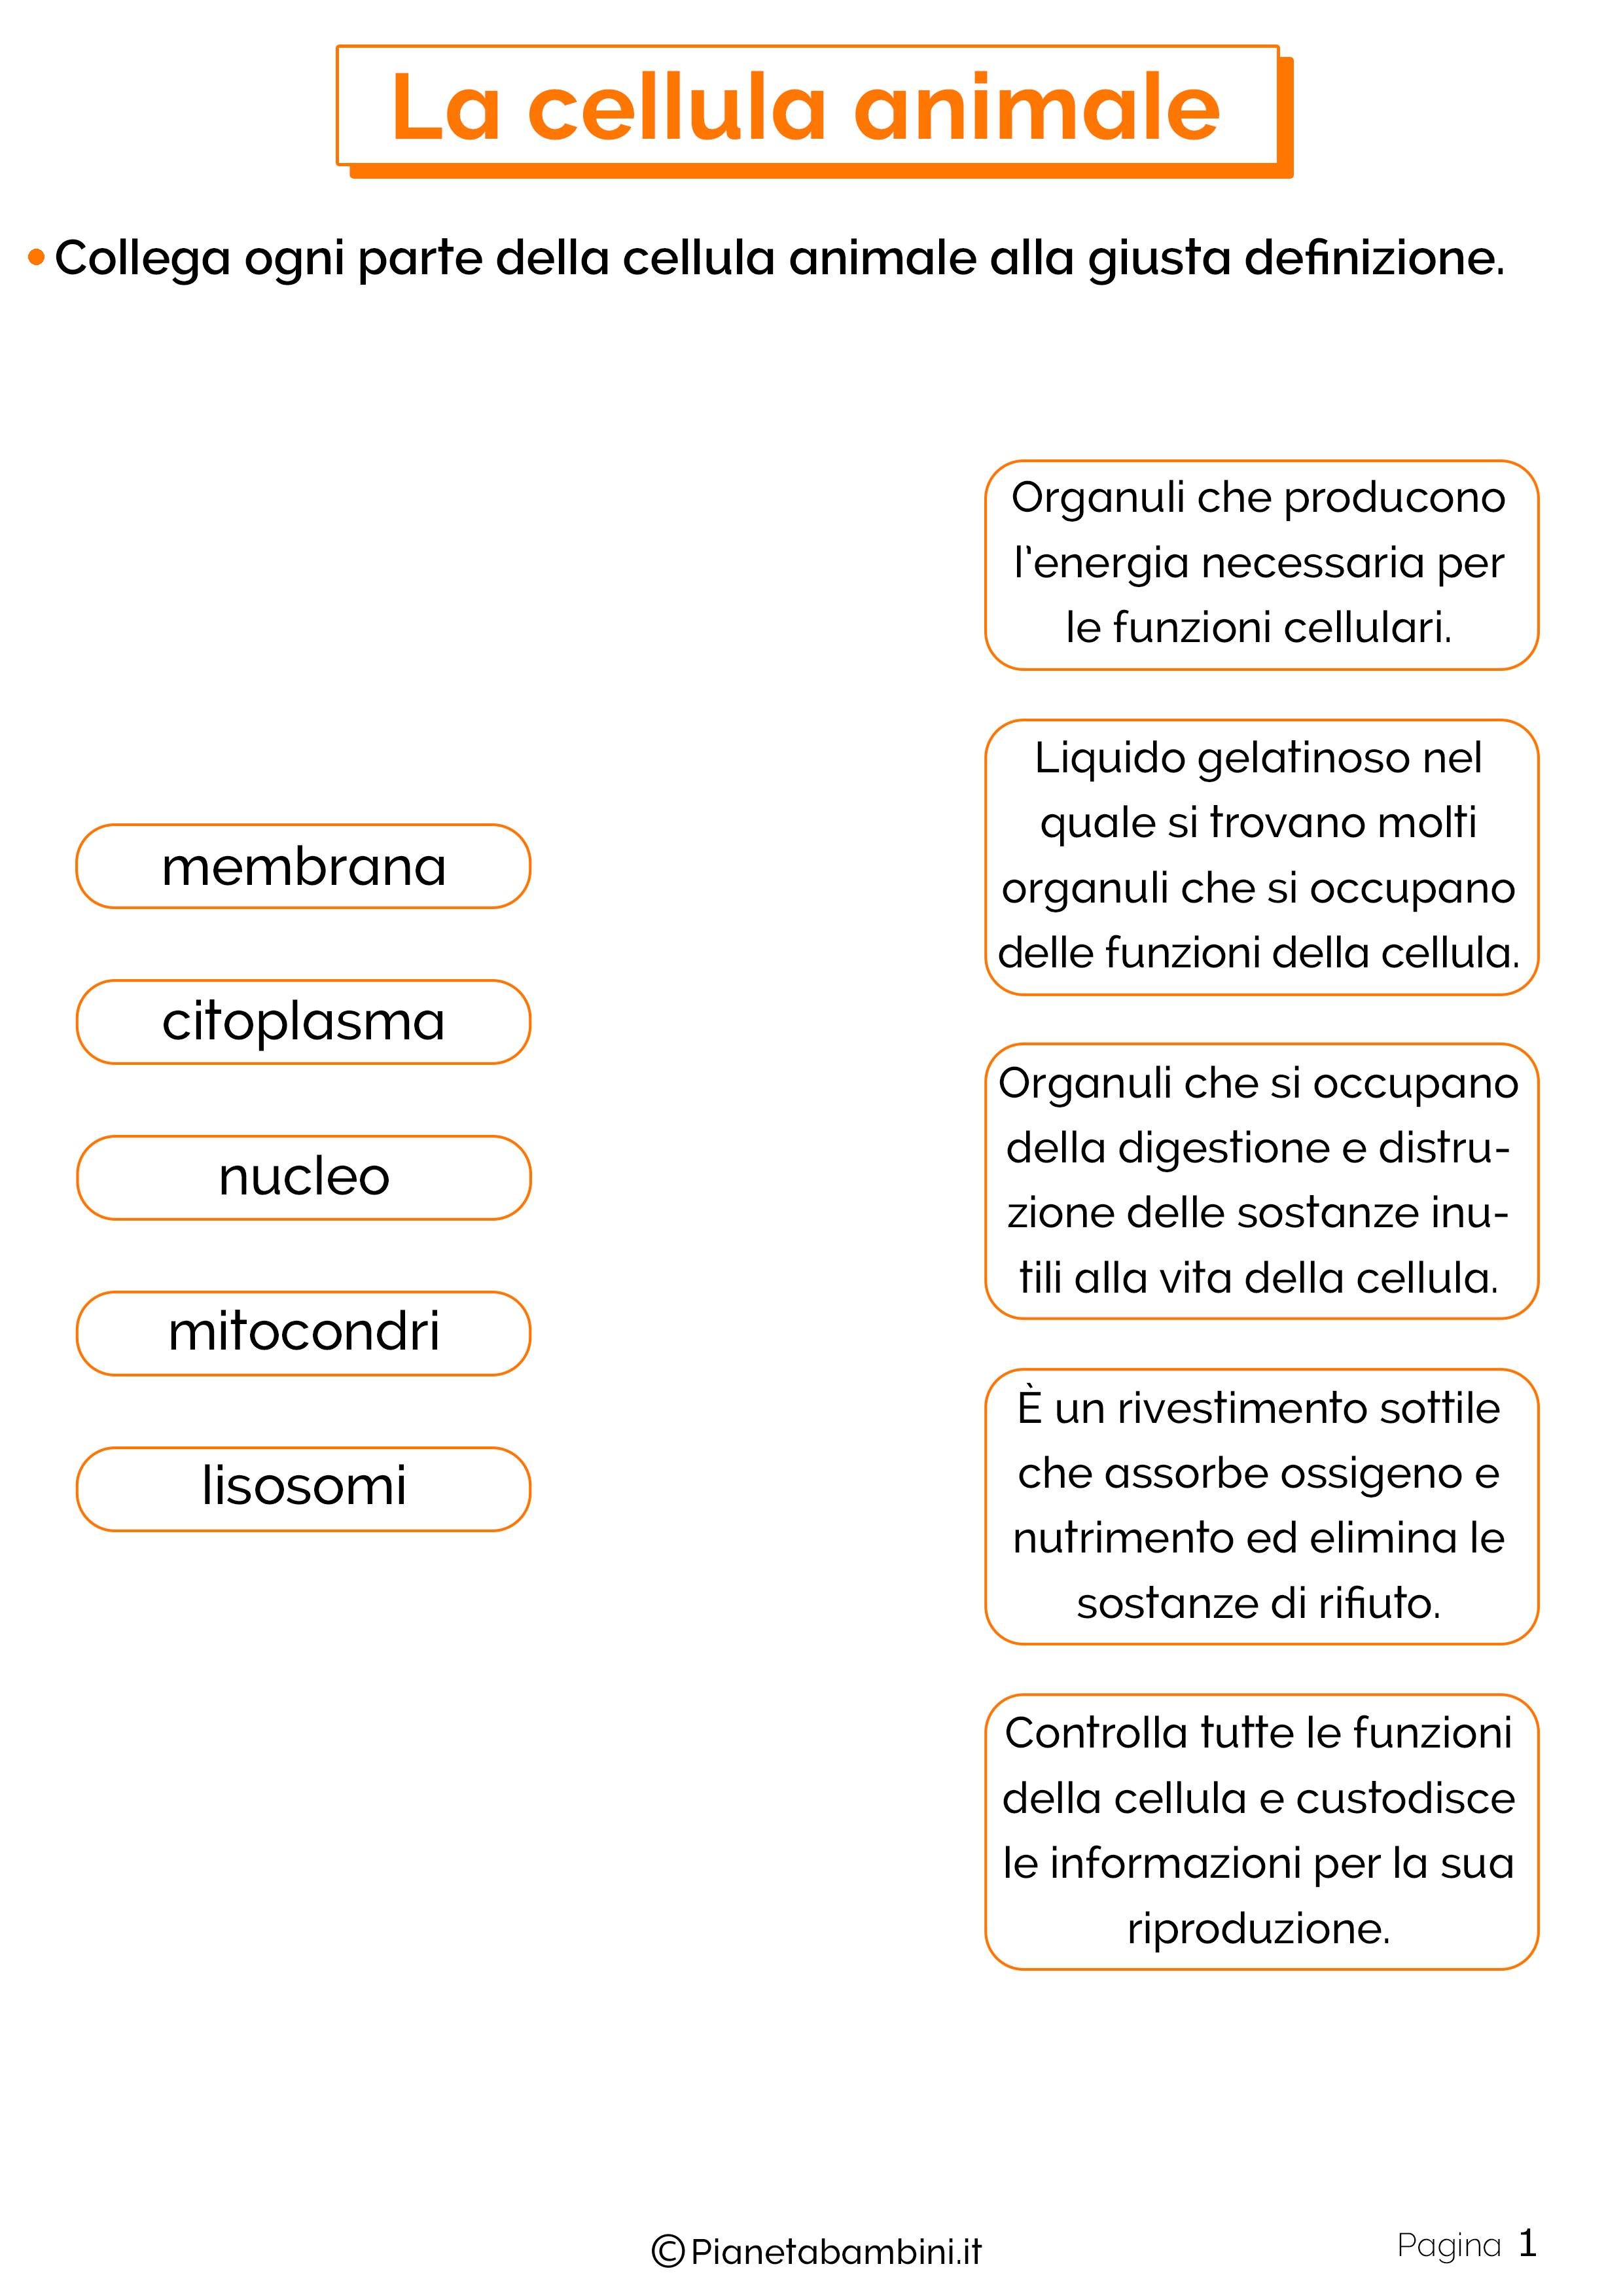 Esercizi sulla cellula animale 1